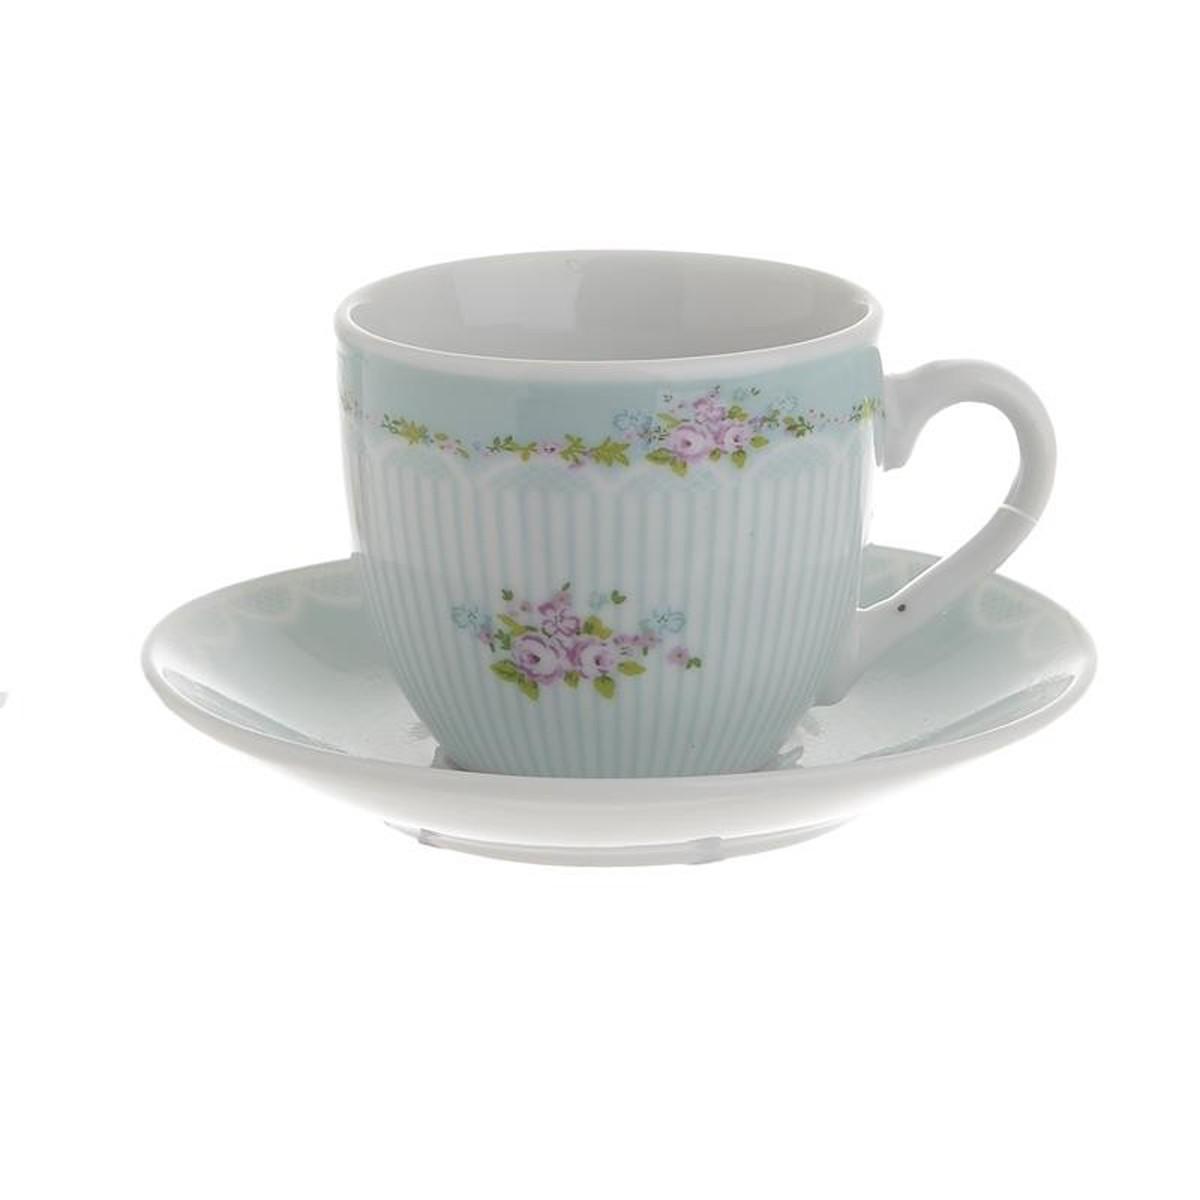 Φλυτζάνια Καφέ + Πιατάκια (Σετ 6τμχ) InArt 3-60-737-0009